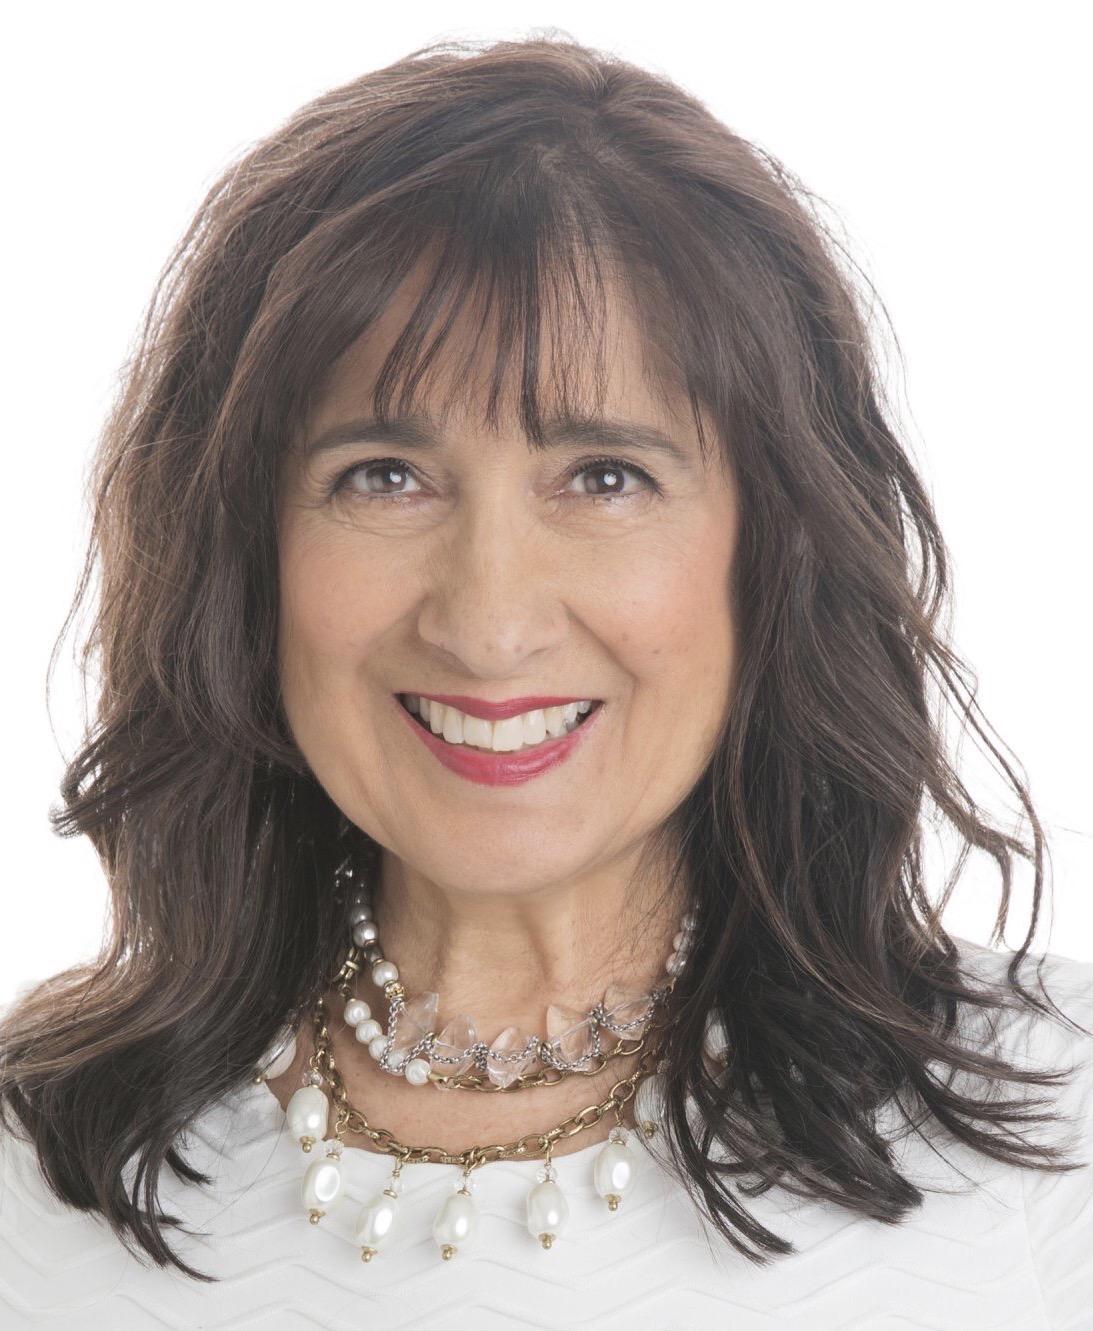 Meet Judy Ann Foster